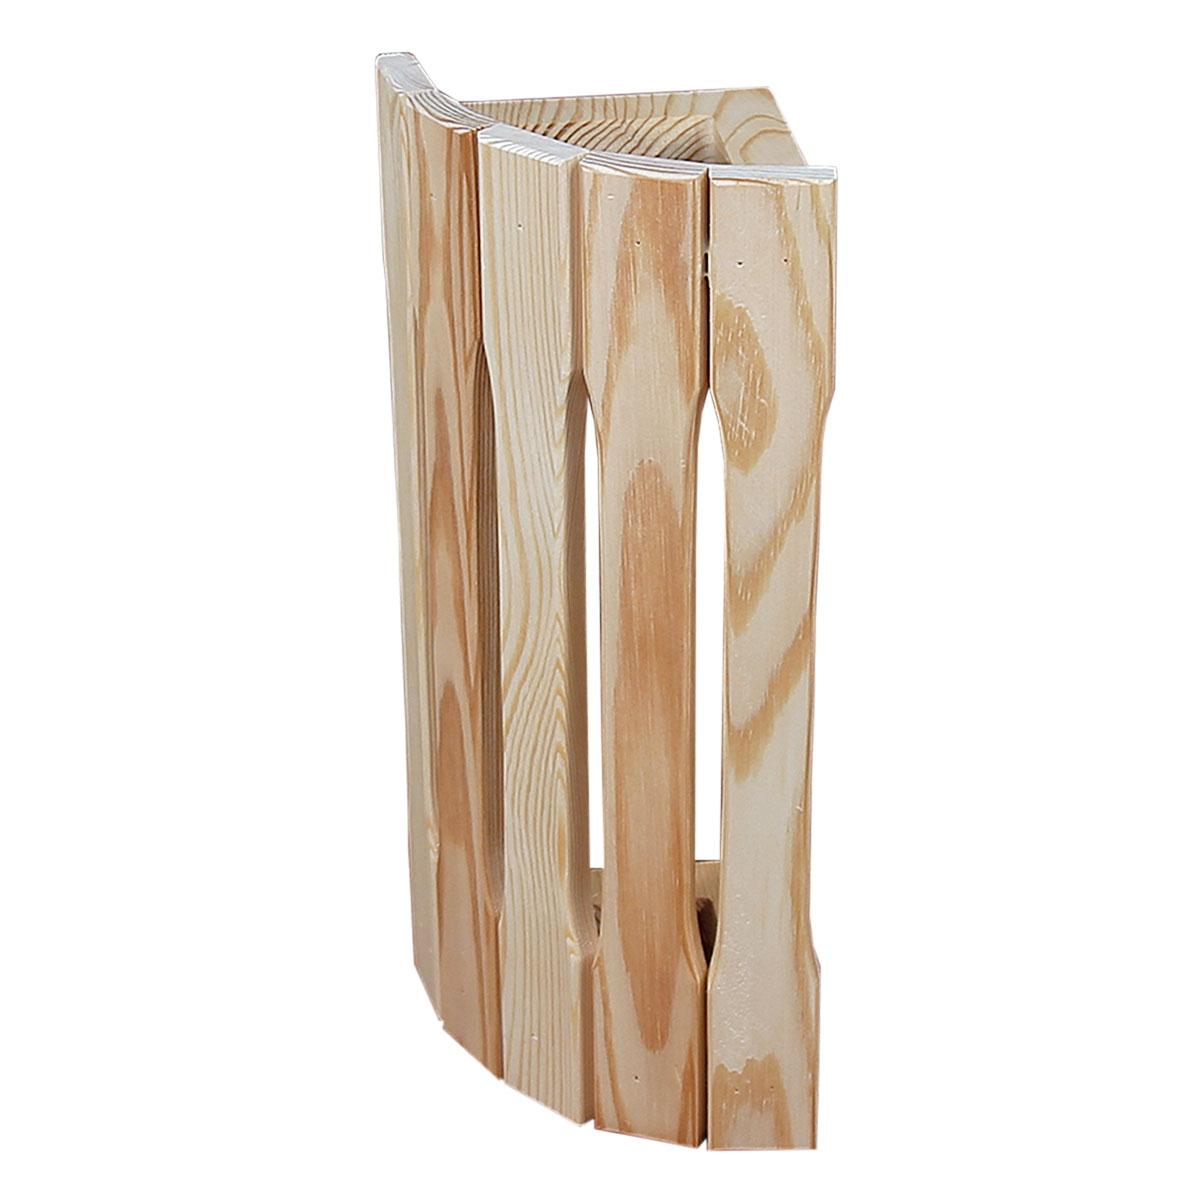 Абажур деревянный для бани и сауны, настенный, угловой